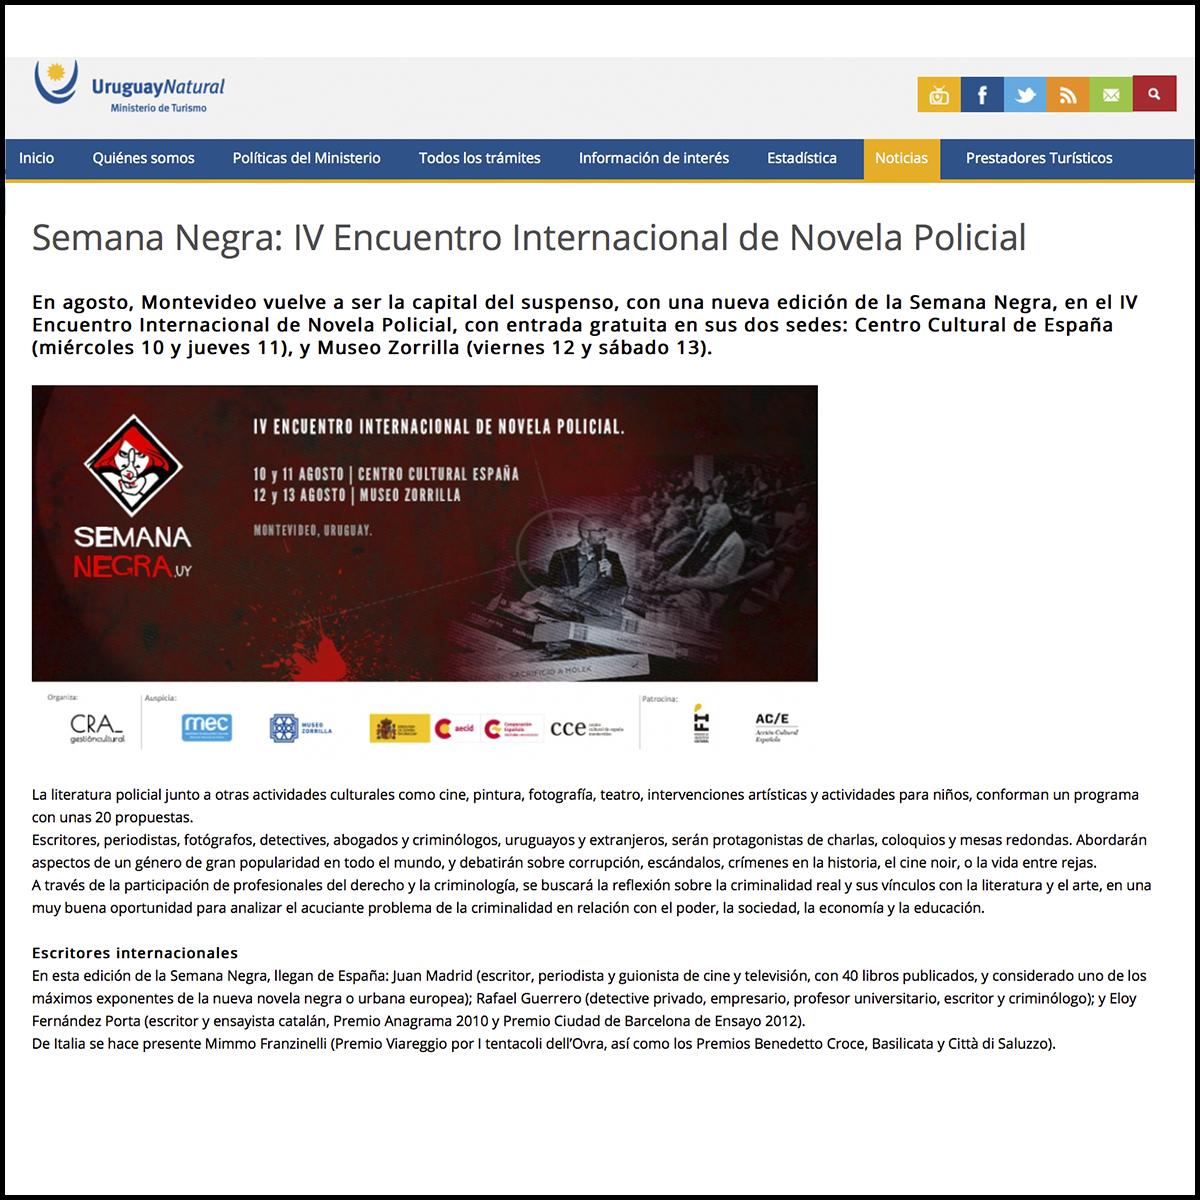 Prensa Nac_13